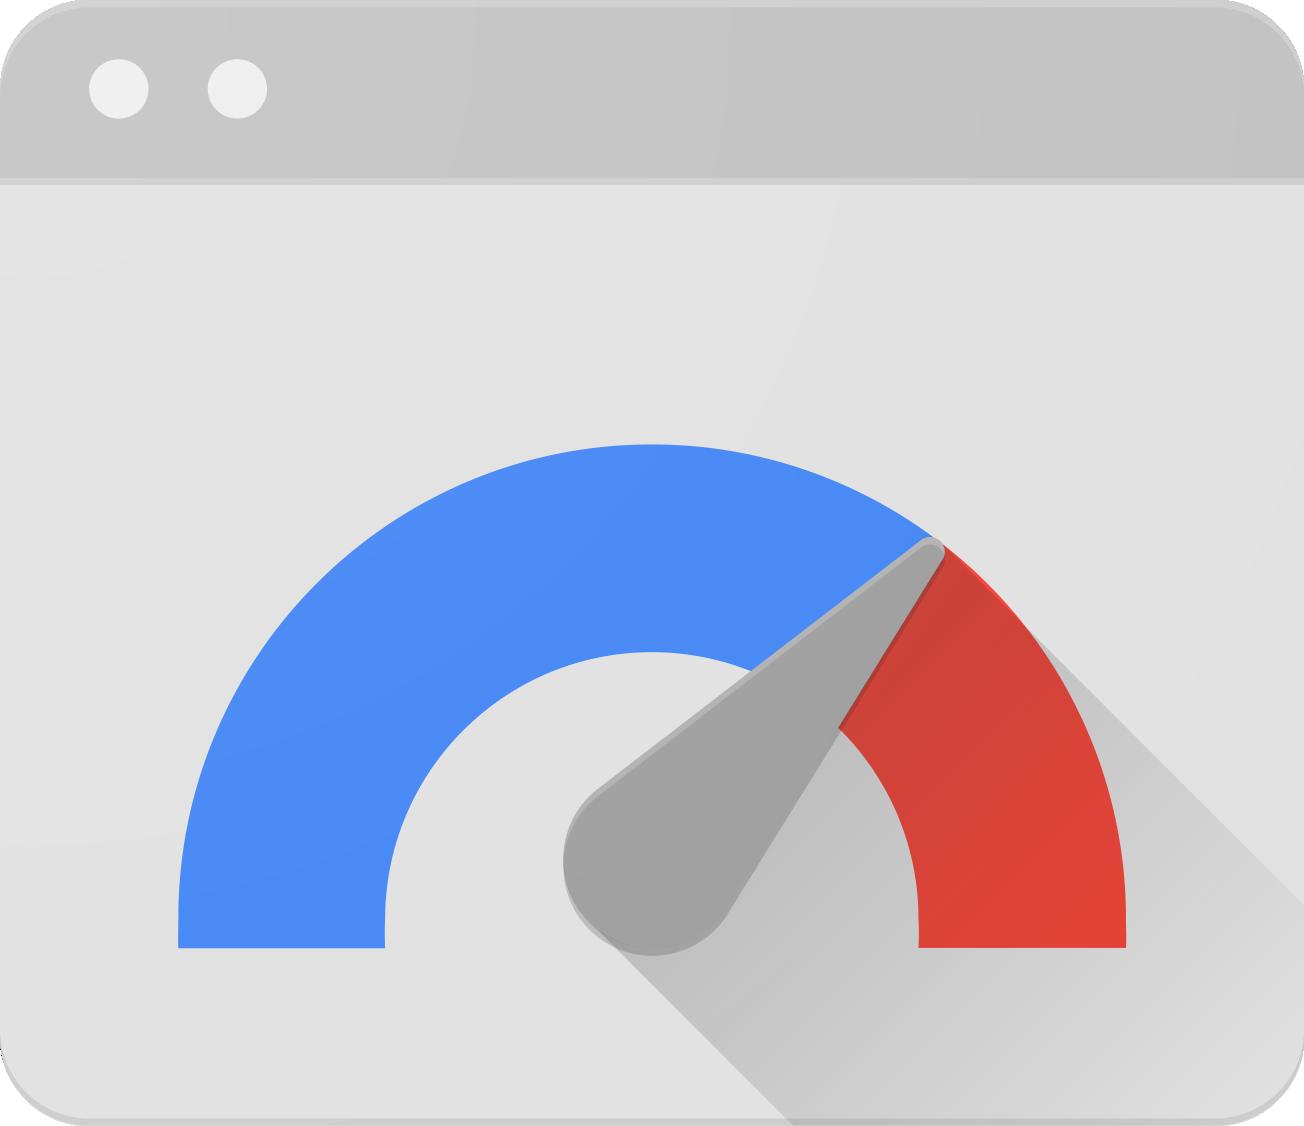 Nopeusoptimointi parantaa sivustosi sijoitusta Googlen hakutuloksissa